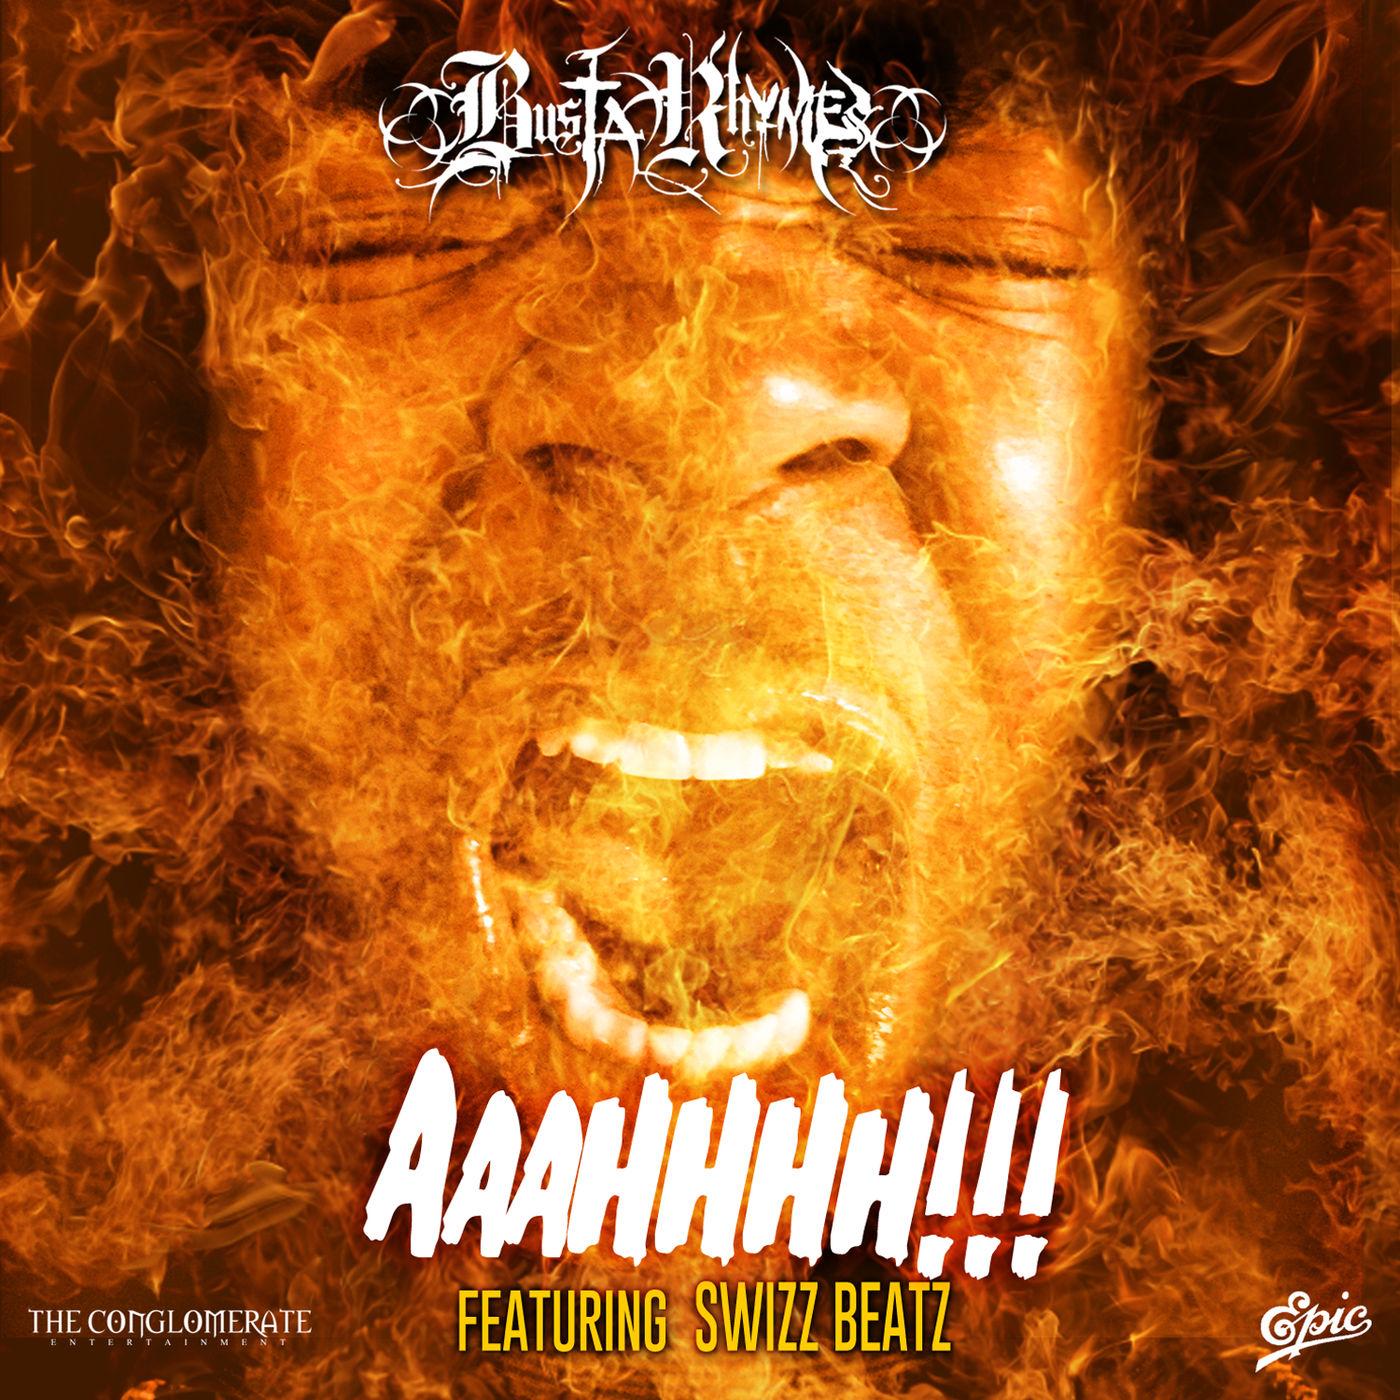 Busta Rhymes - AAAHHHH!!! (feat. Swizz Beatz) - Single Cover